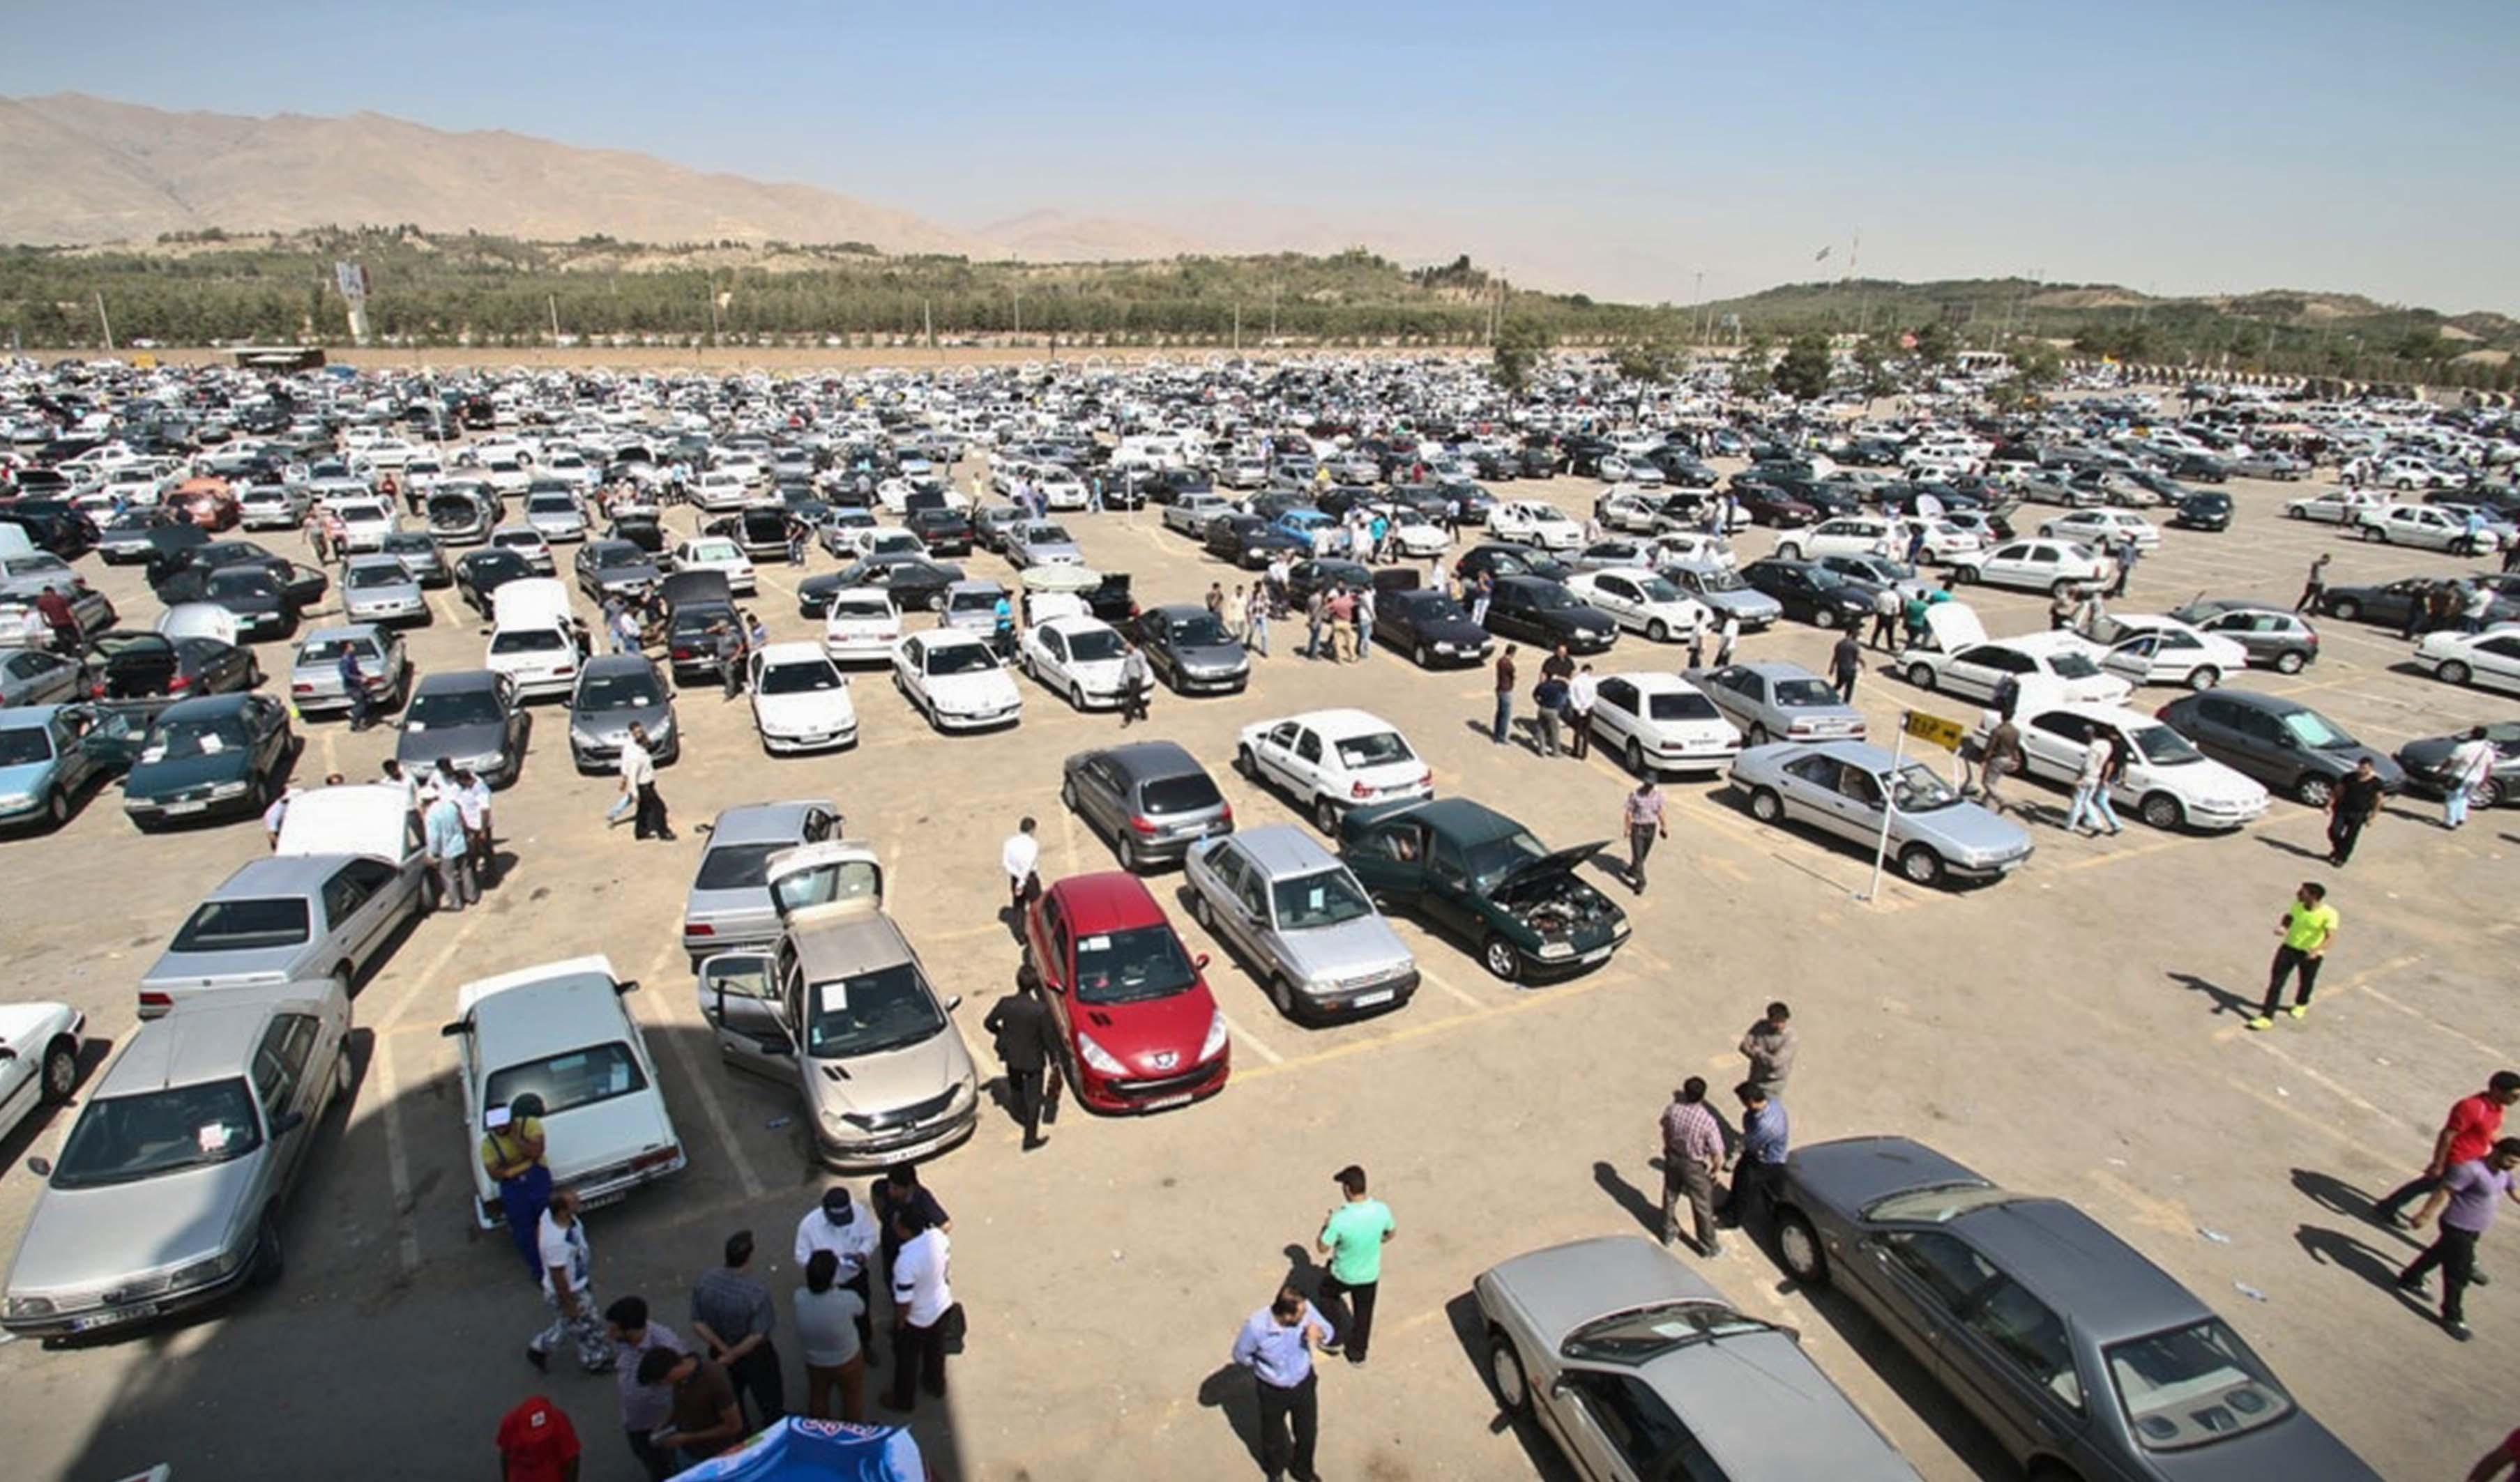 قیمت خودروهای داخلی در بازار امروز/کاهش ۱ تا ۲ میلیون تومانی قیمت در بازار خودرو